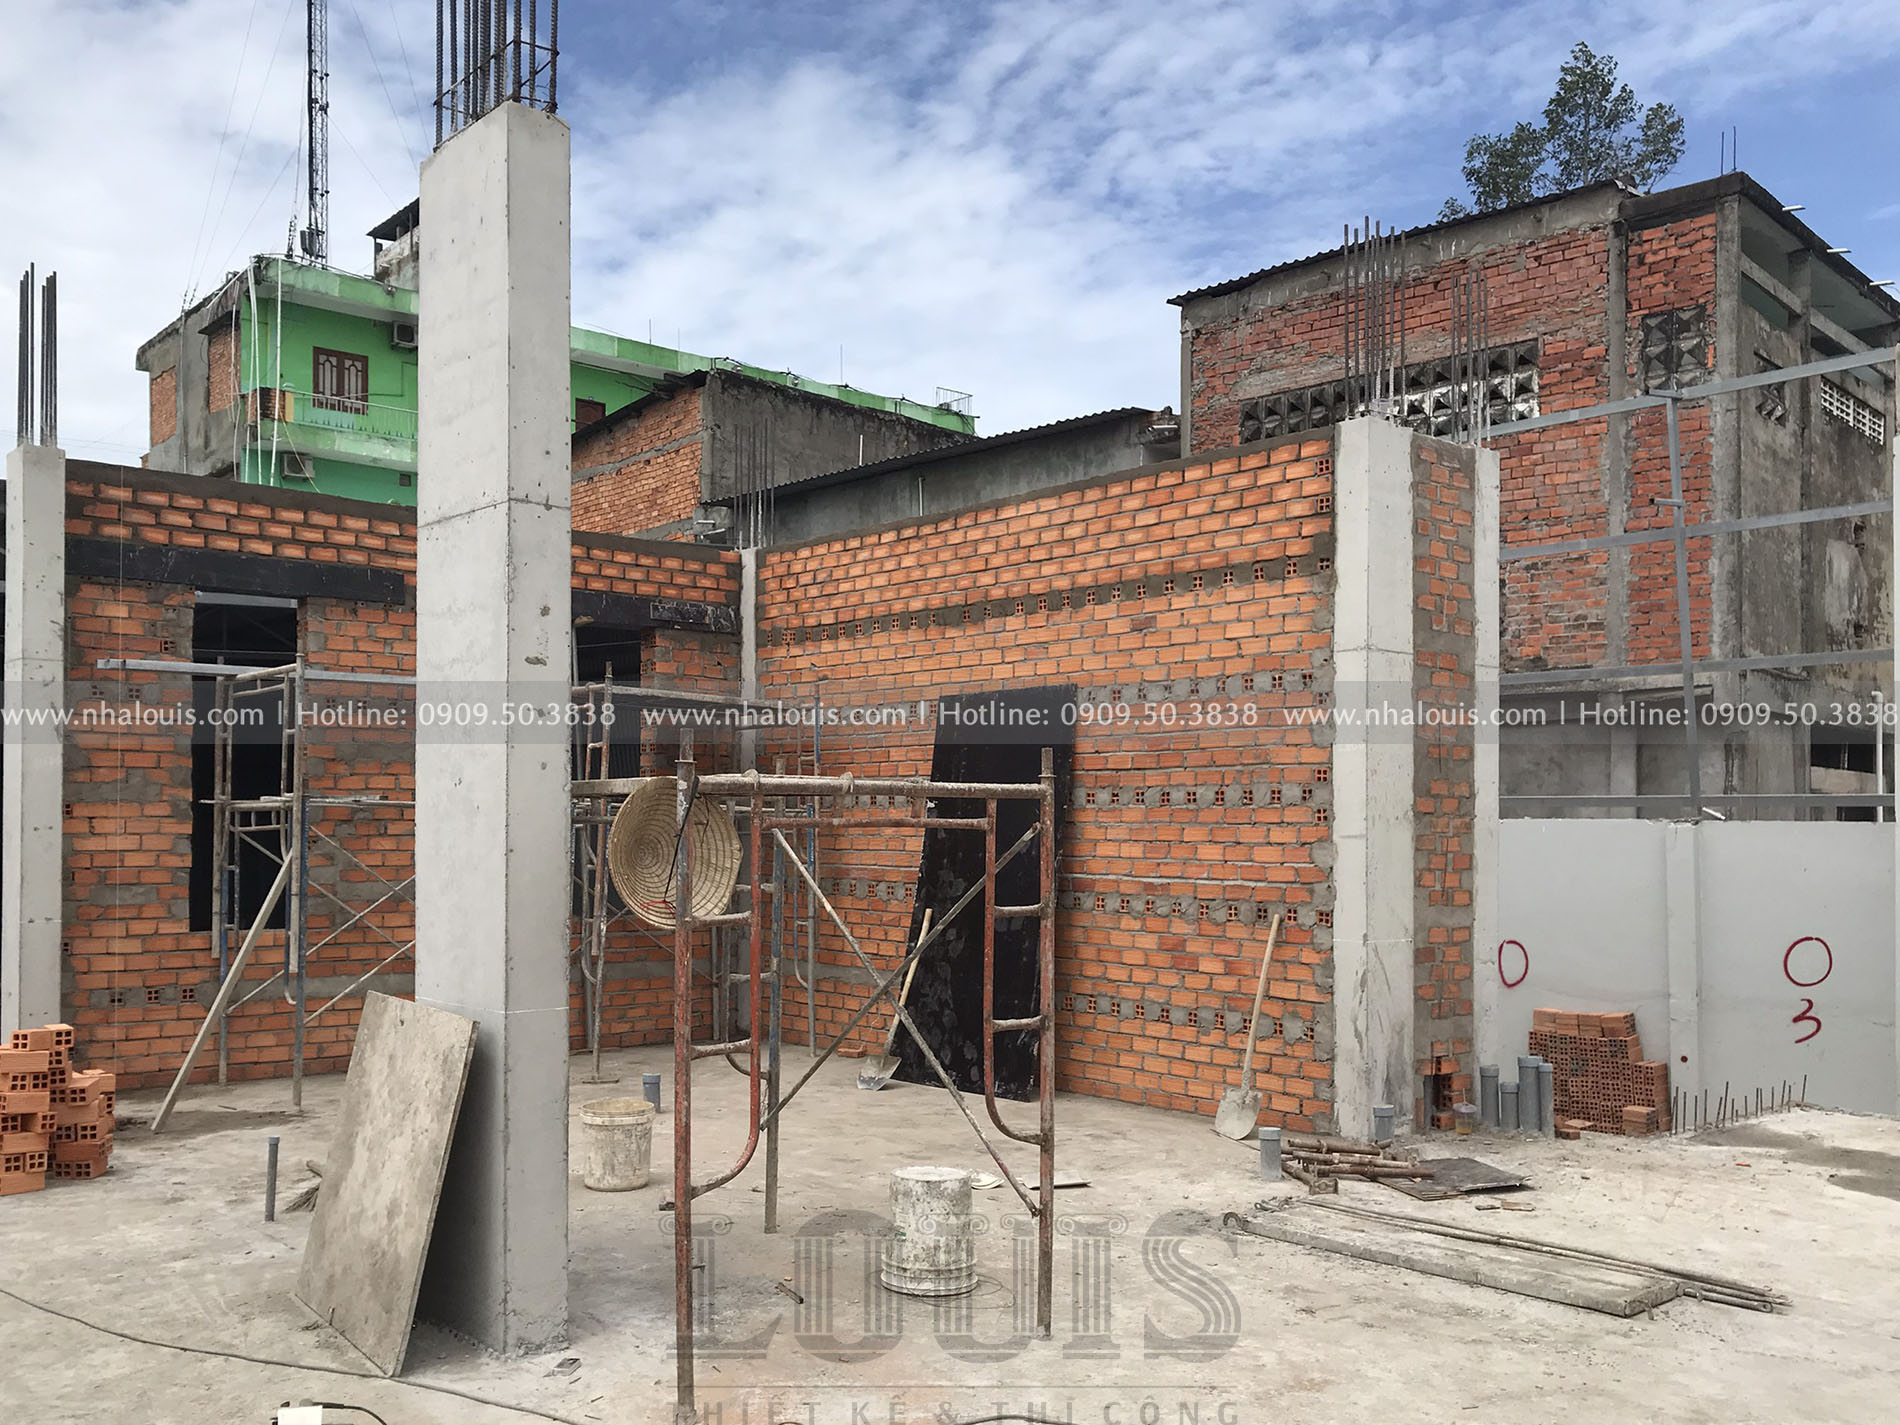 Đổ bê tông cột tầng trệt biệt thự cổ điển Đồng Tháp